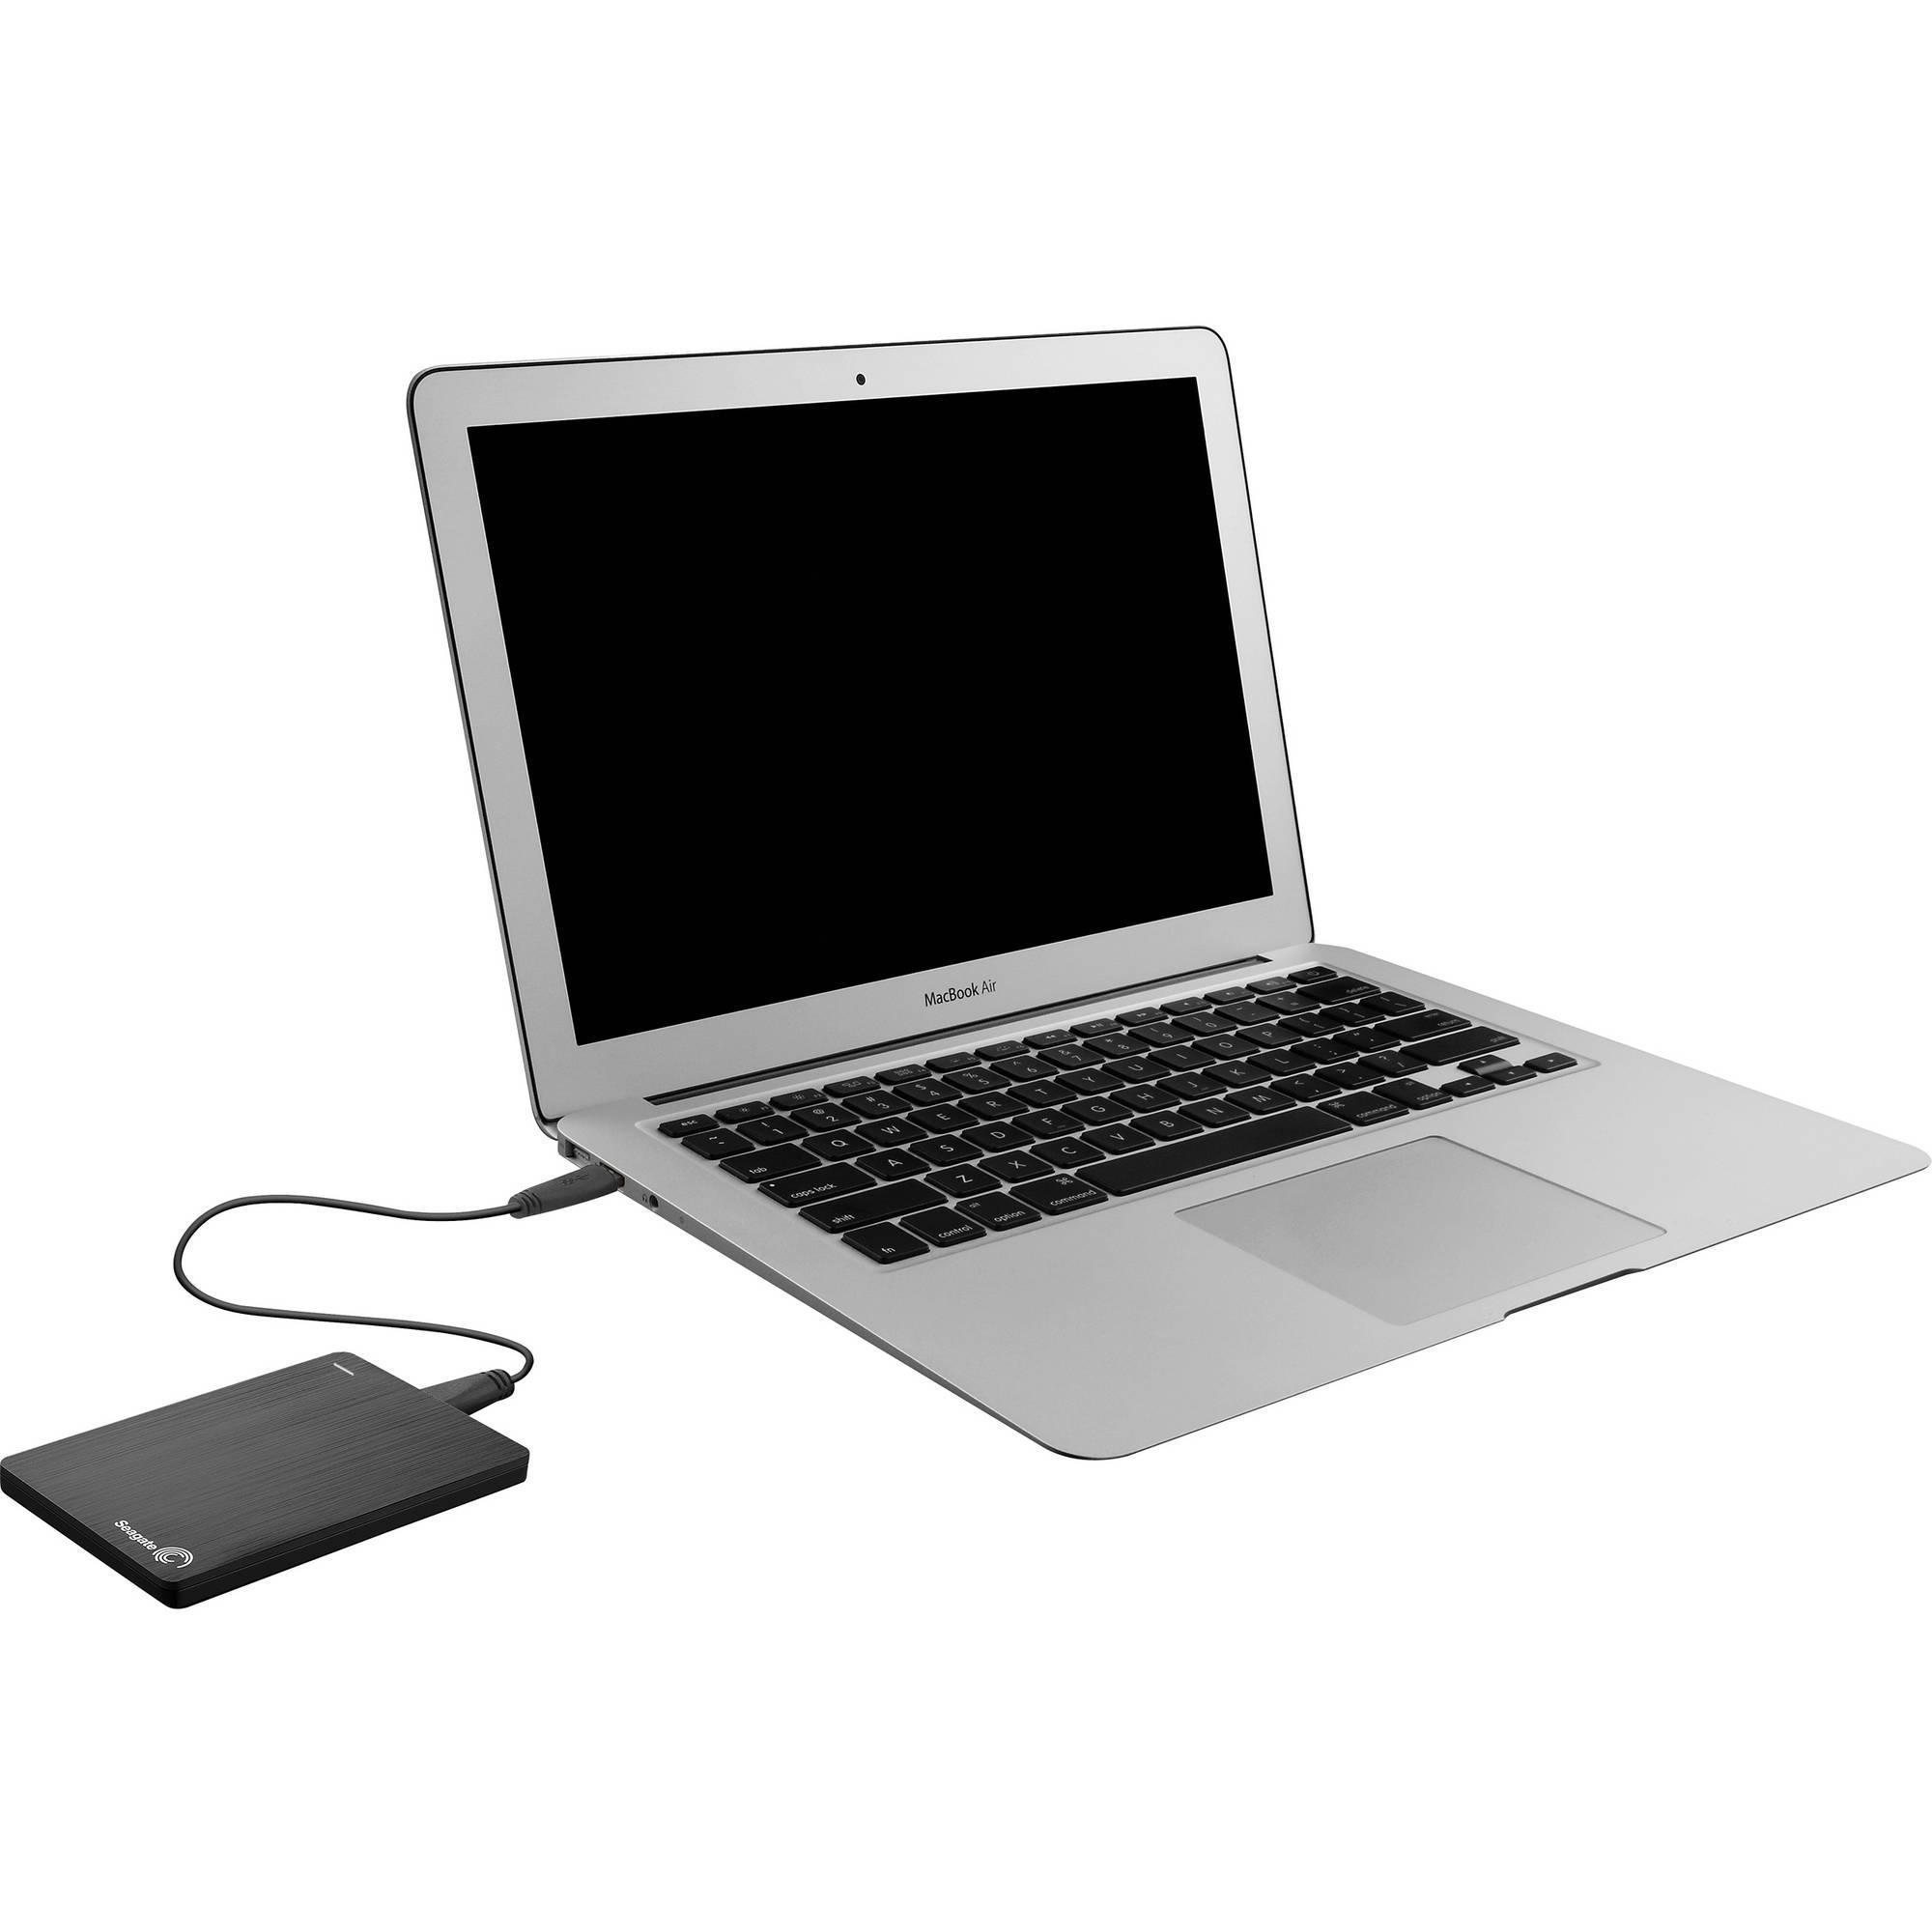 Disque dur externe SEAGATE Backup Plus Slim 500Go 2.5'' USB 3.0 - Noir